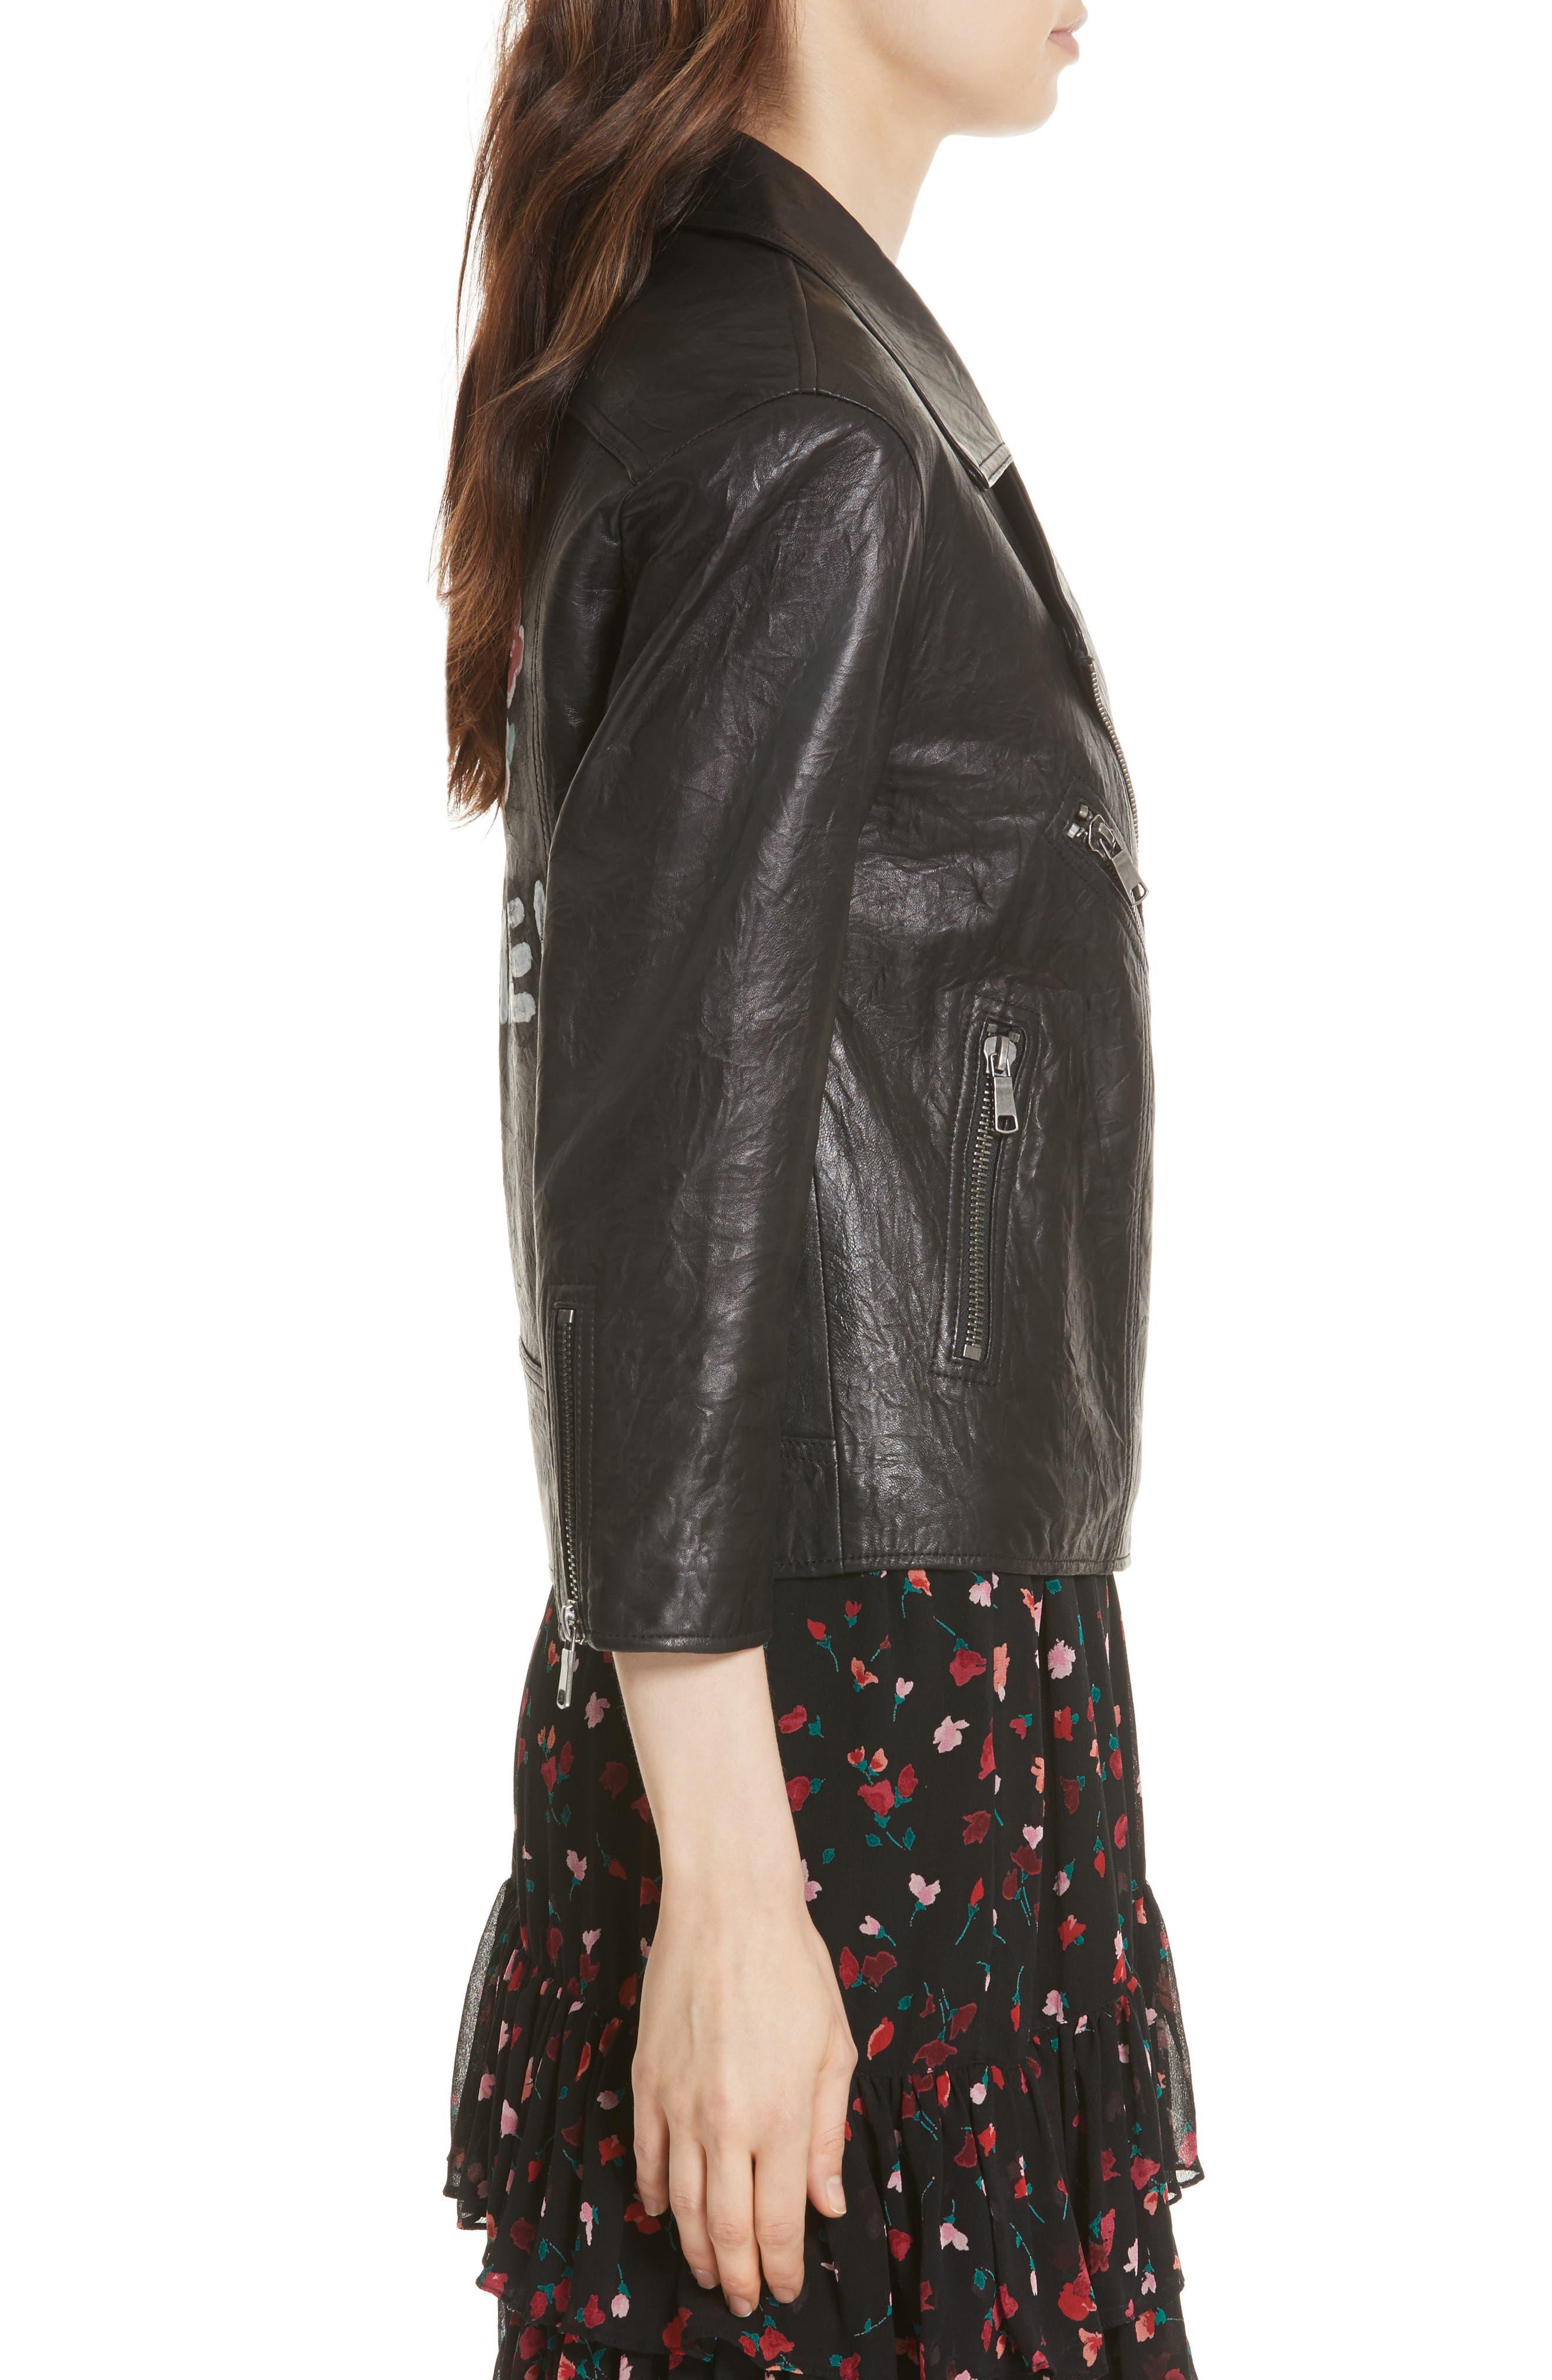 Kameke Viva La Femme Lambskin Leather Jacket,                             Alternate thumbnail 3, color,                             Caviar